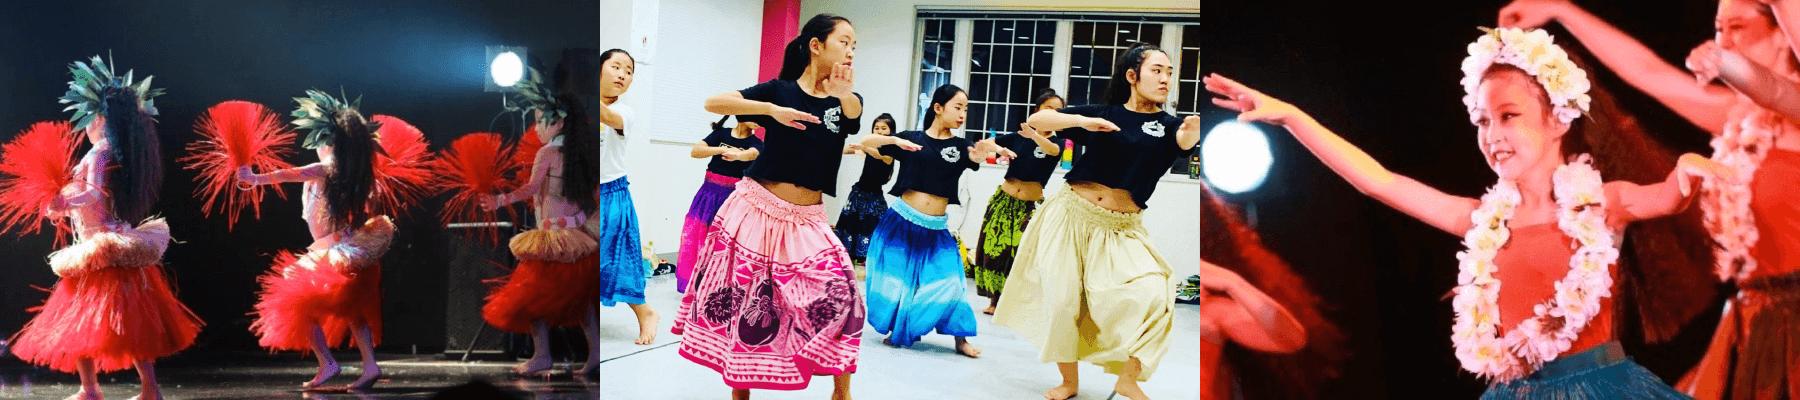 土浦校クラス|東京・茨城のフラダンス・タヒチアンダンス教室|ヘレヒアポリネシアンダンススタジオ|